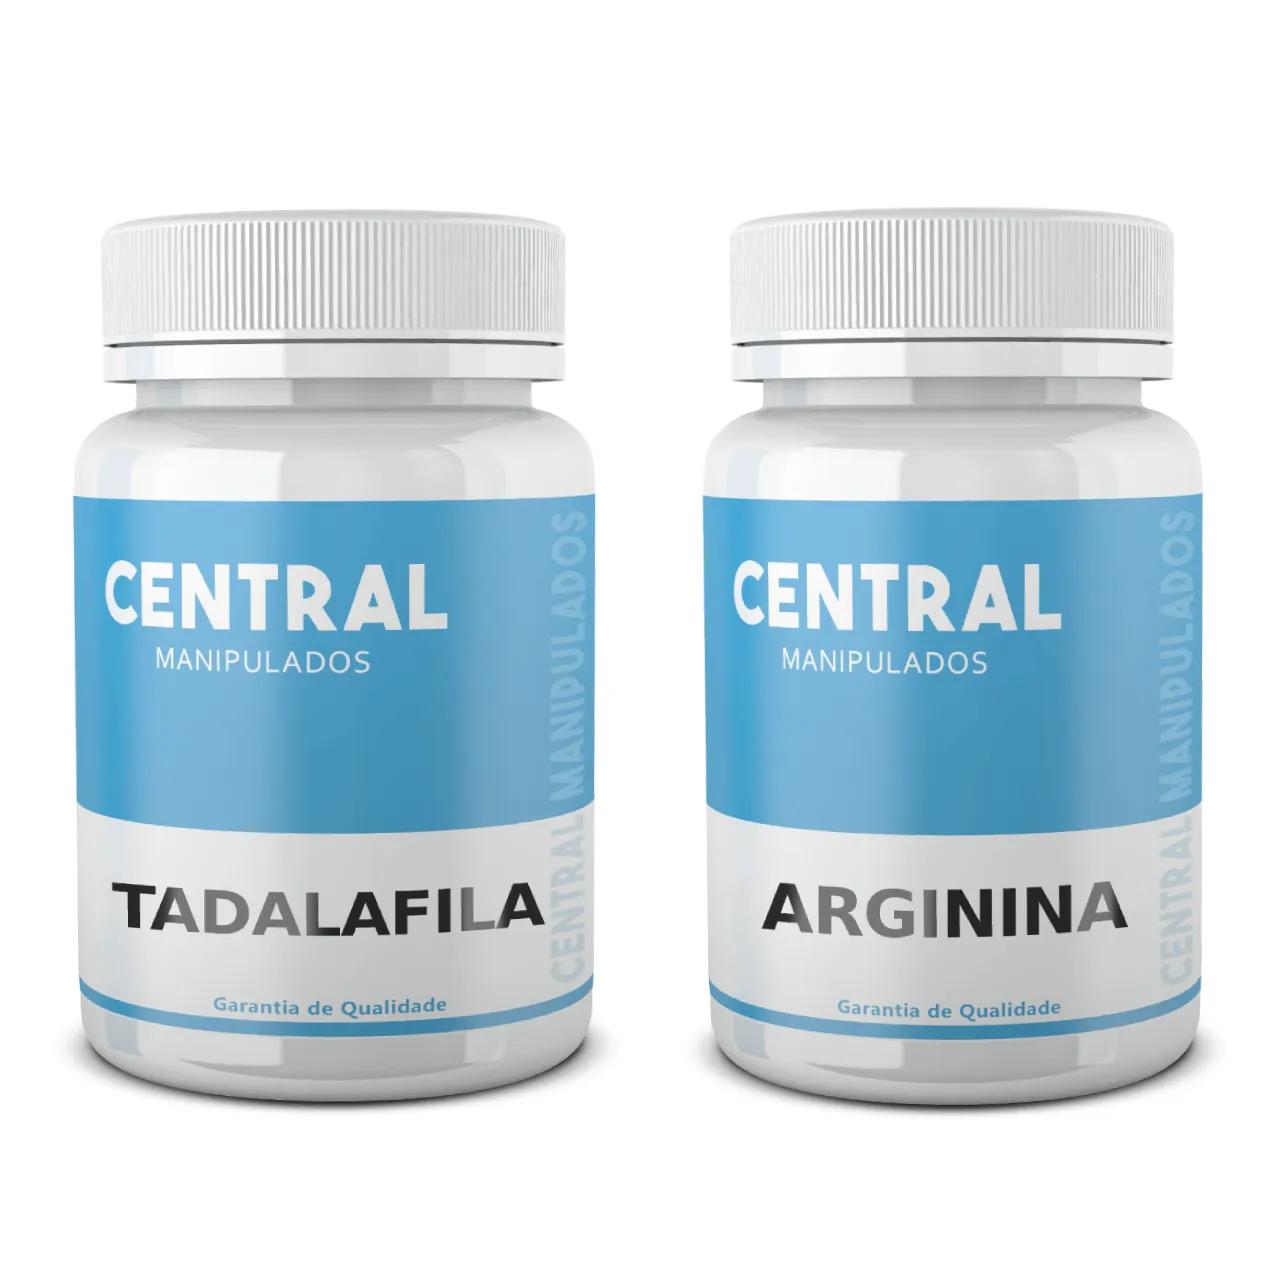 Tadalafila 20mg 30 Cápsulas + Arginina 500mg 30 Cápsulas - Vasodilatação e Ereção